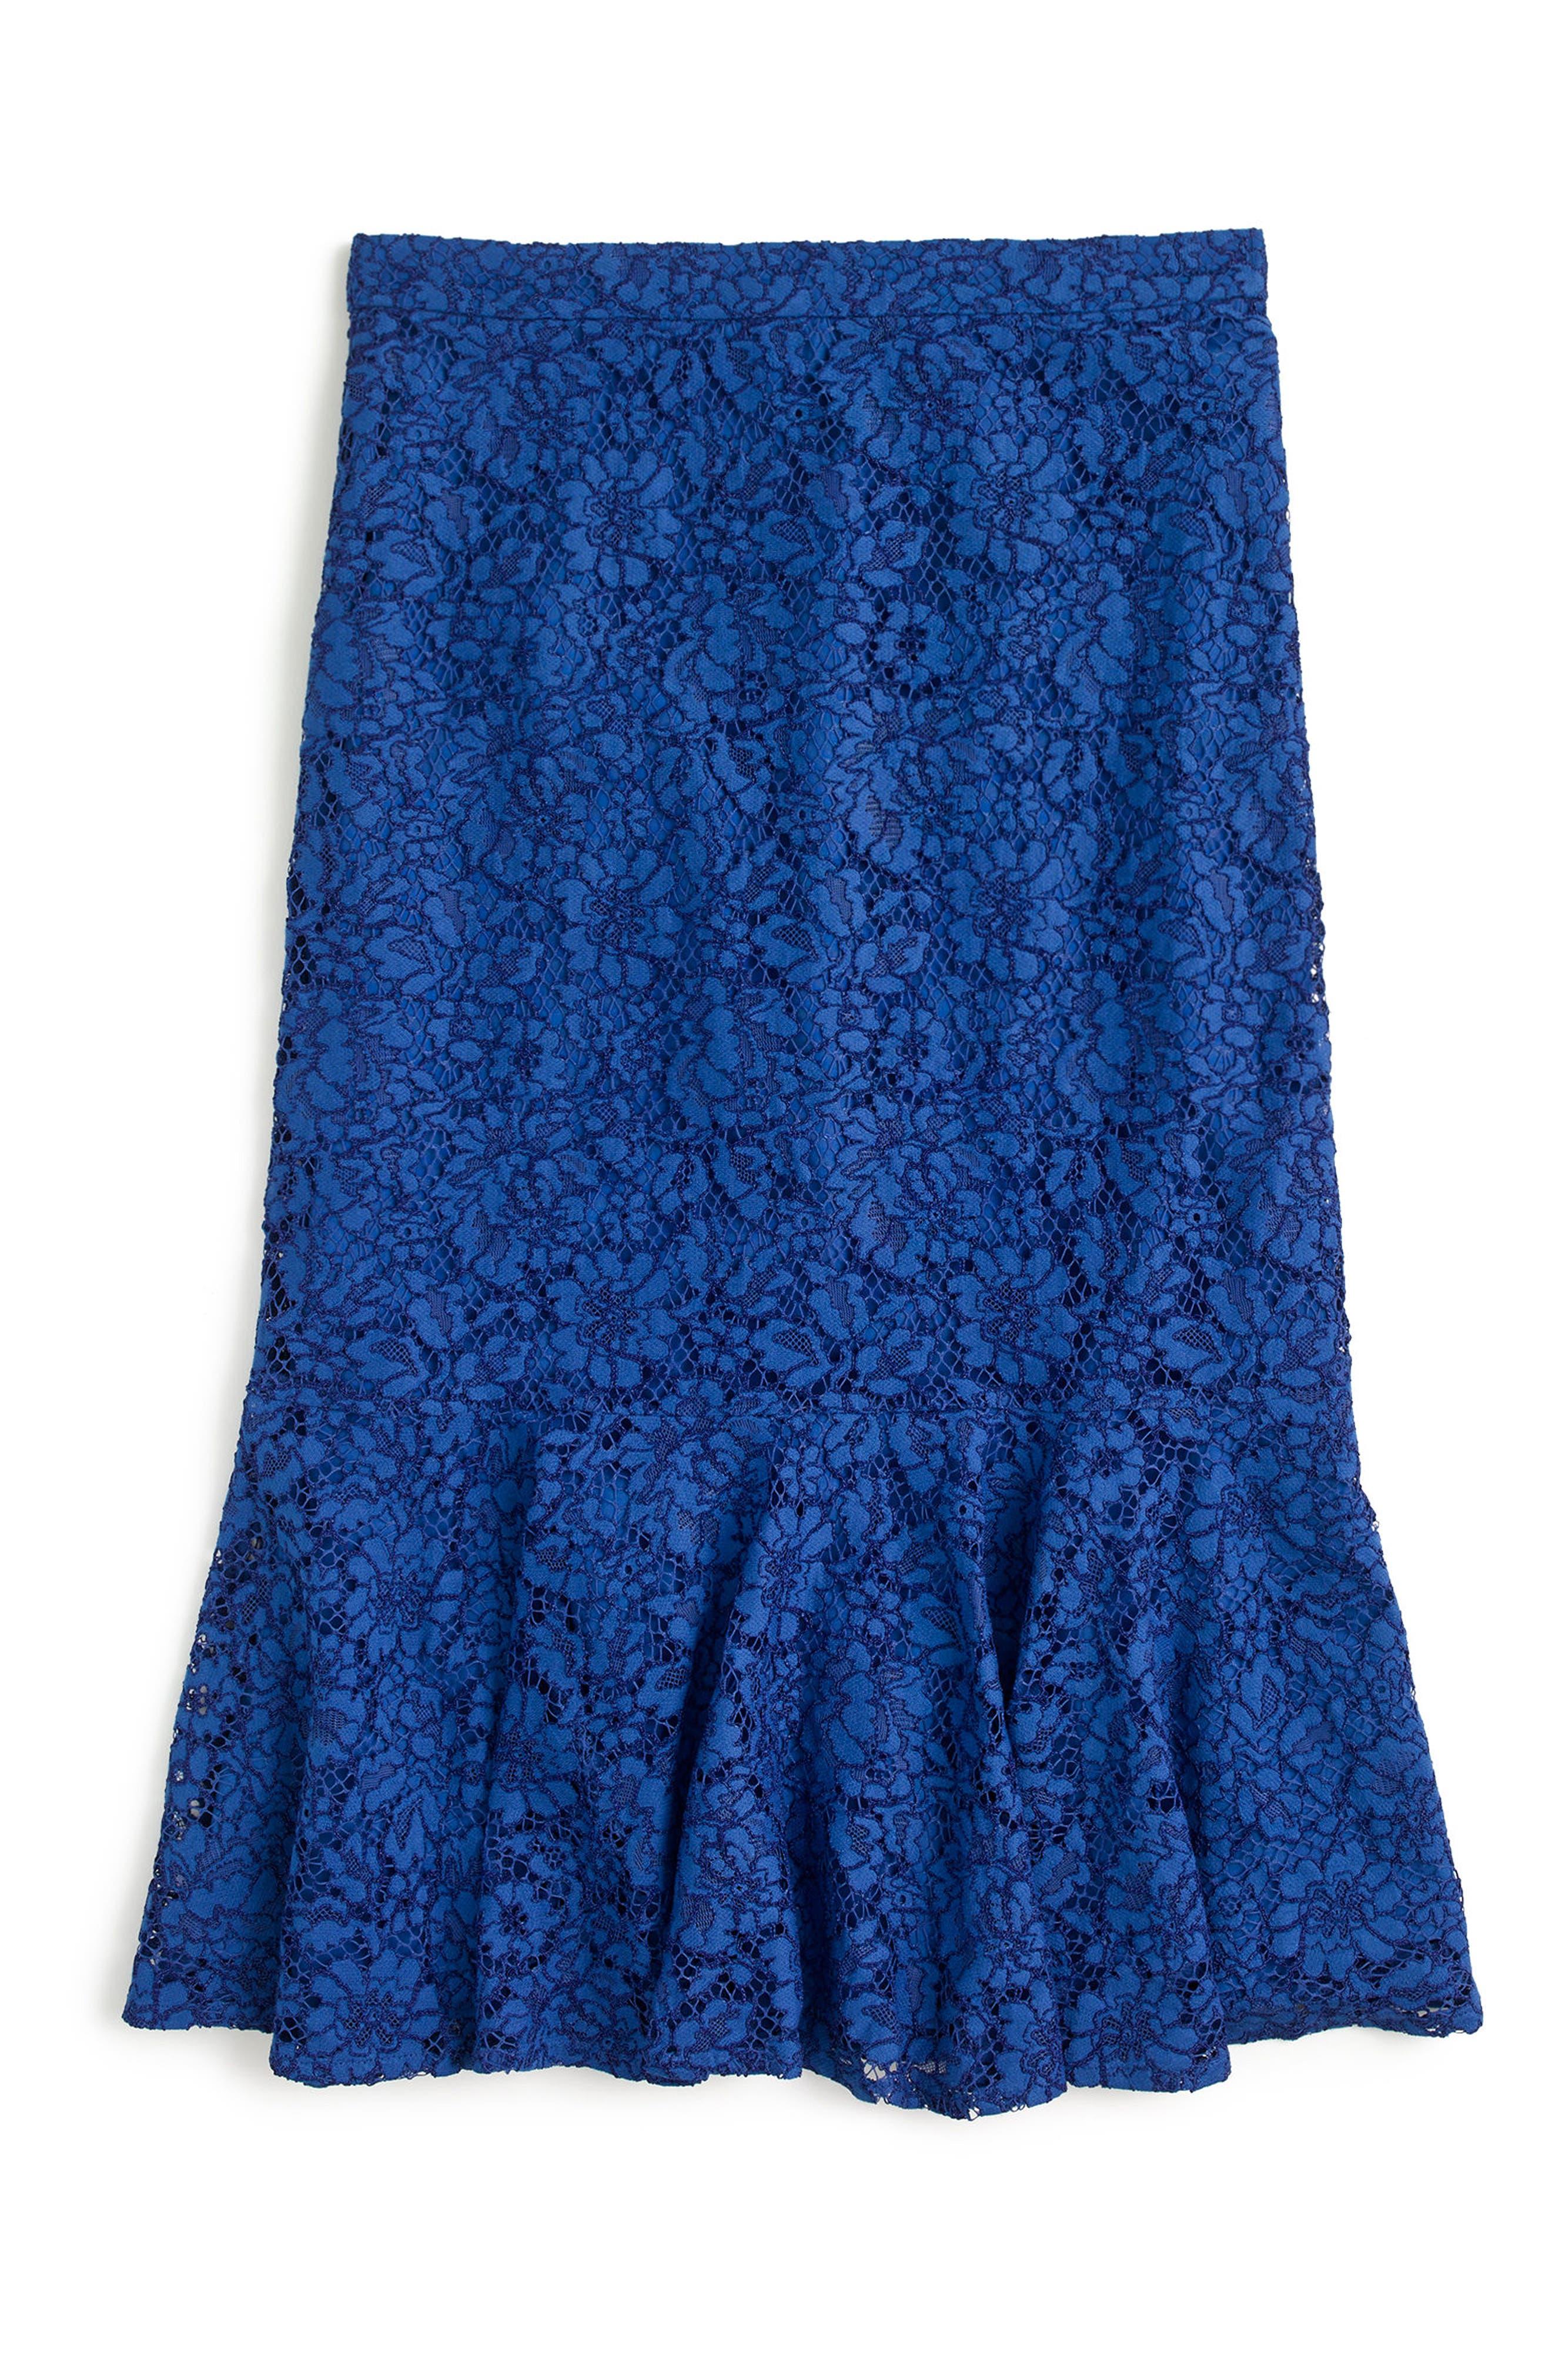 J.Crew Lace Trumpet Skirt,                             Alternate thumbnail 2, color,                             Baroque Blue